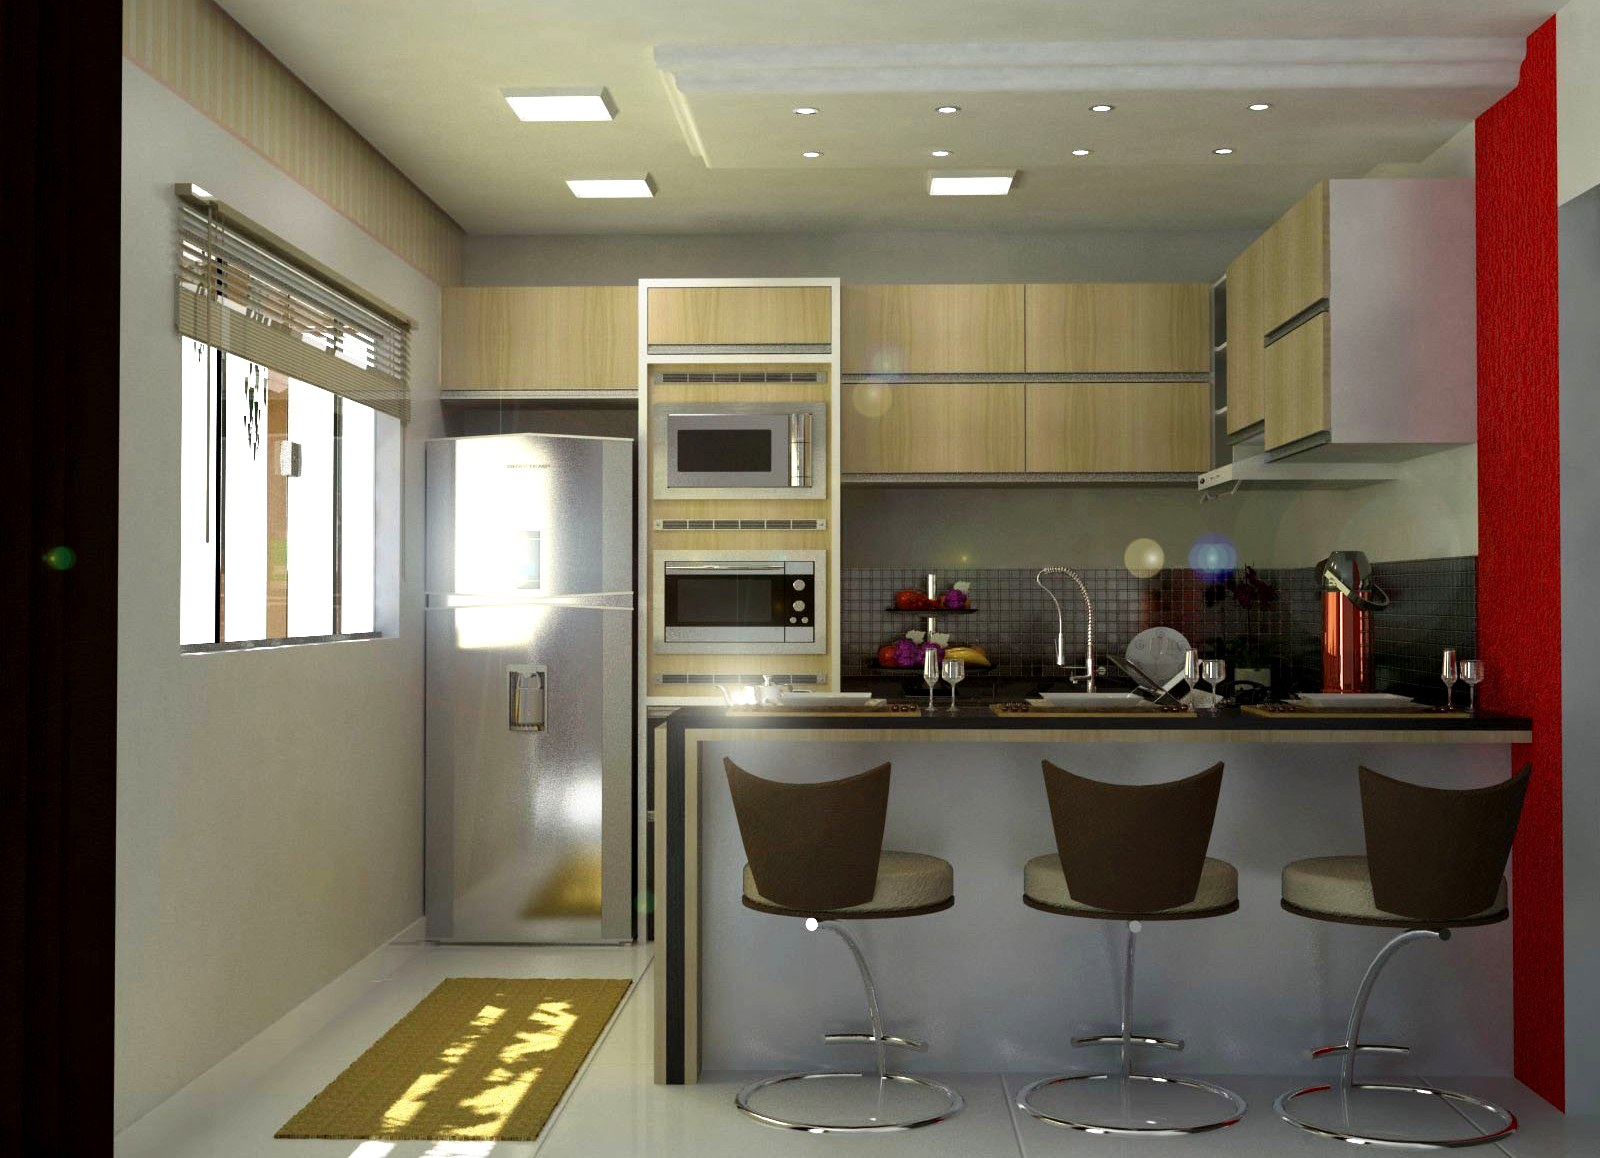 PROJETO DE MÓVEIS 3D: Cozinha Pequena #73211A 1600 1158